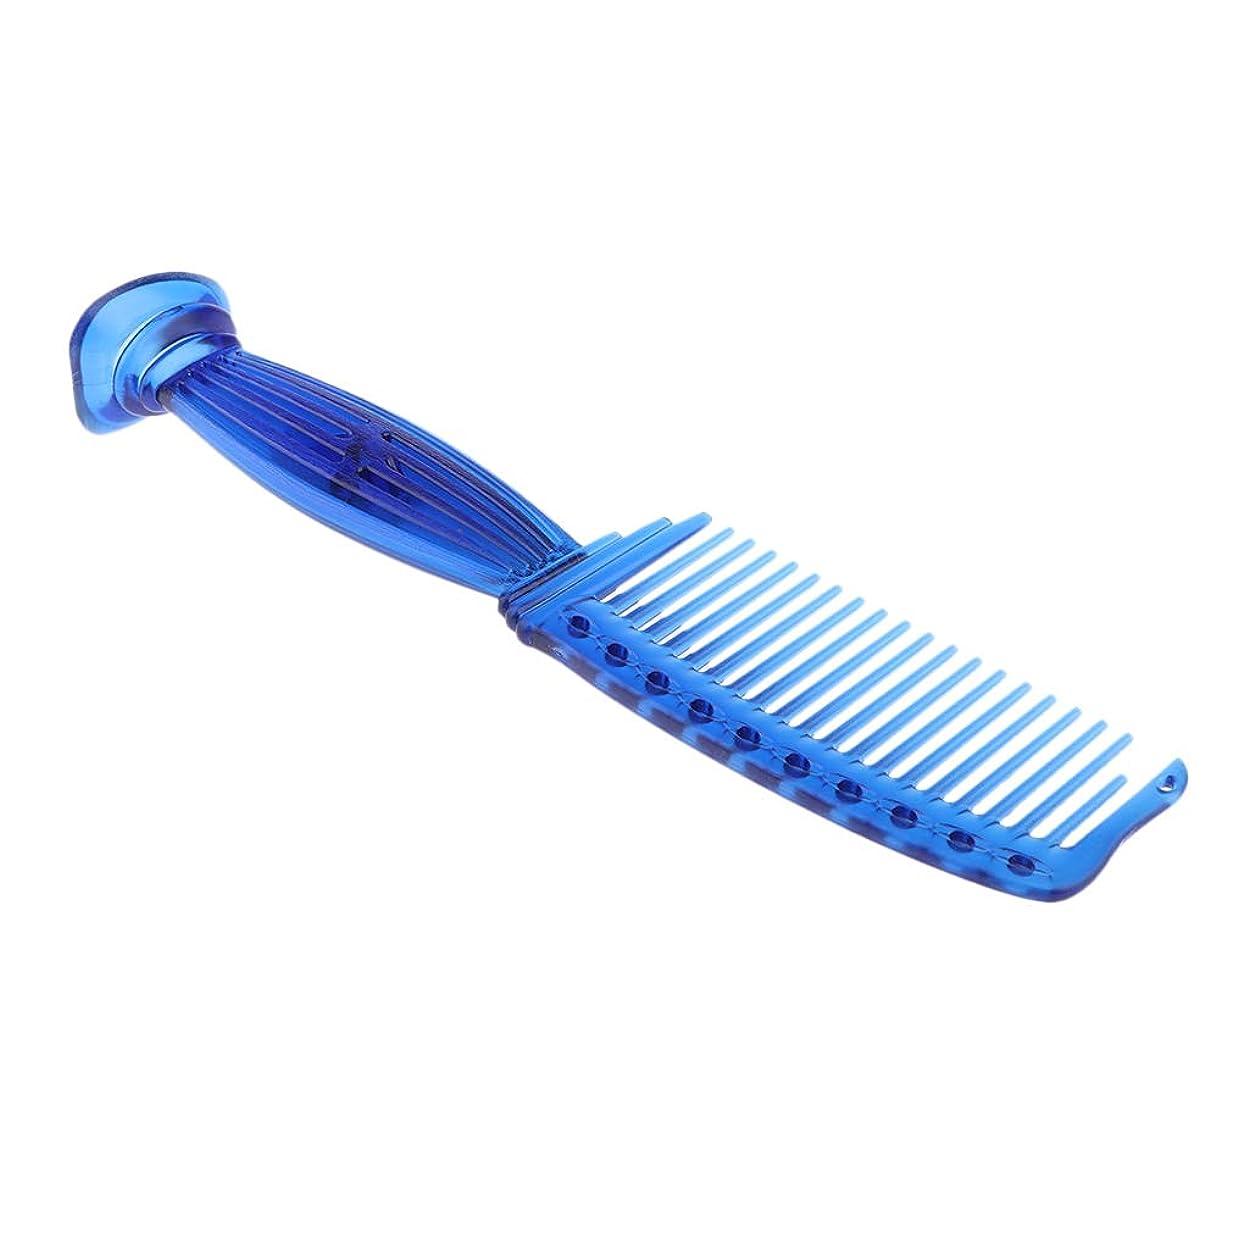 未来米ドル角度B Blesiya 櫛 ワイド歯 スムースコーム プラスチック ヘアブラシ 5色選べ - 青